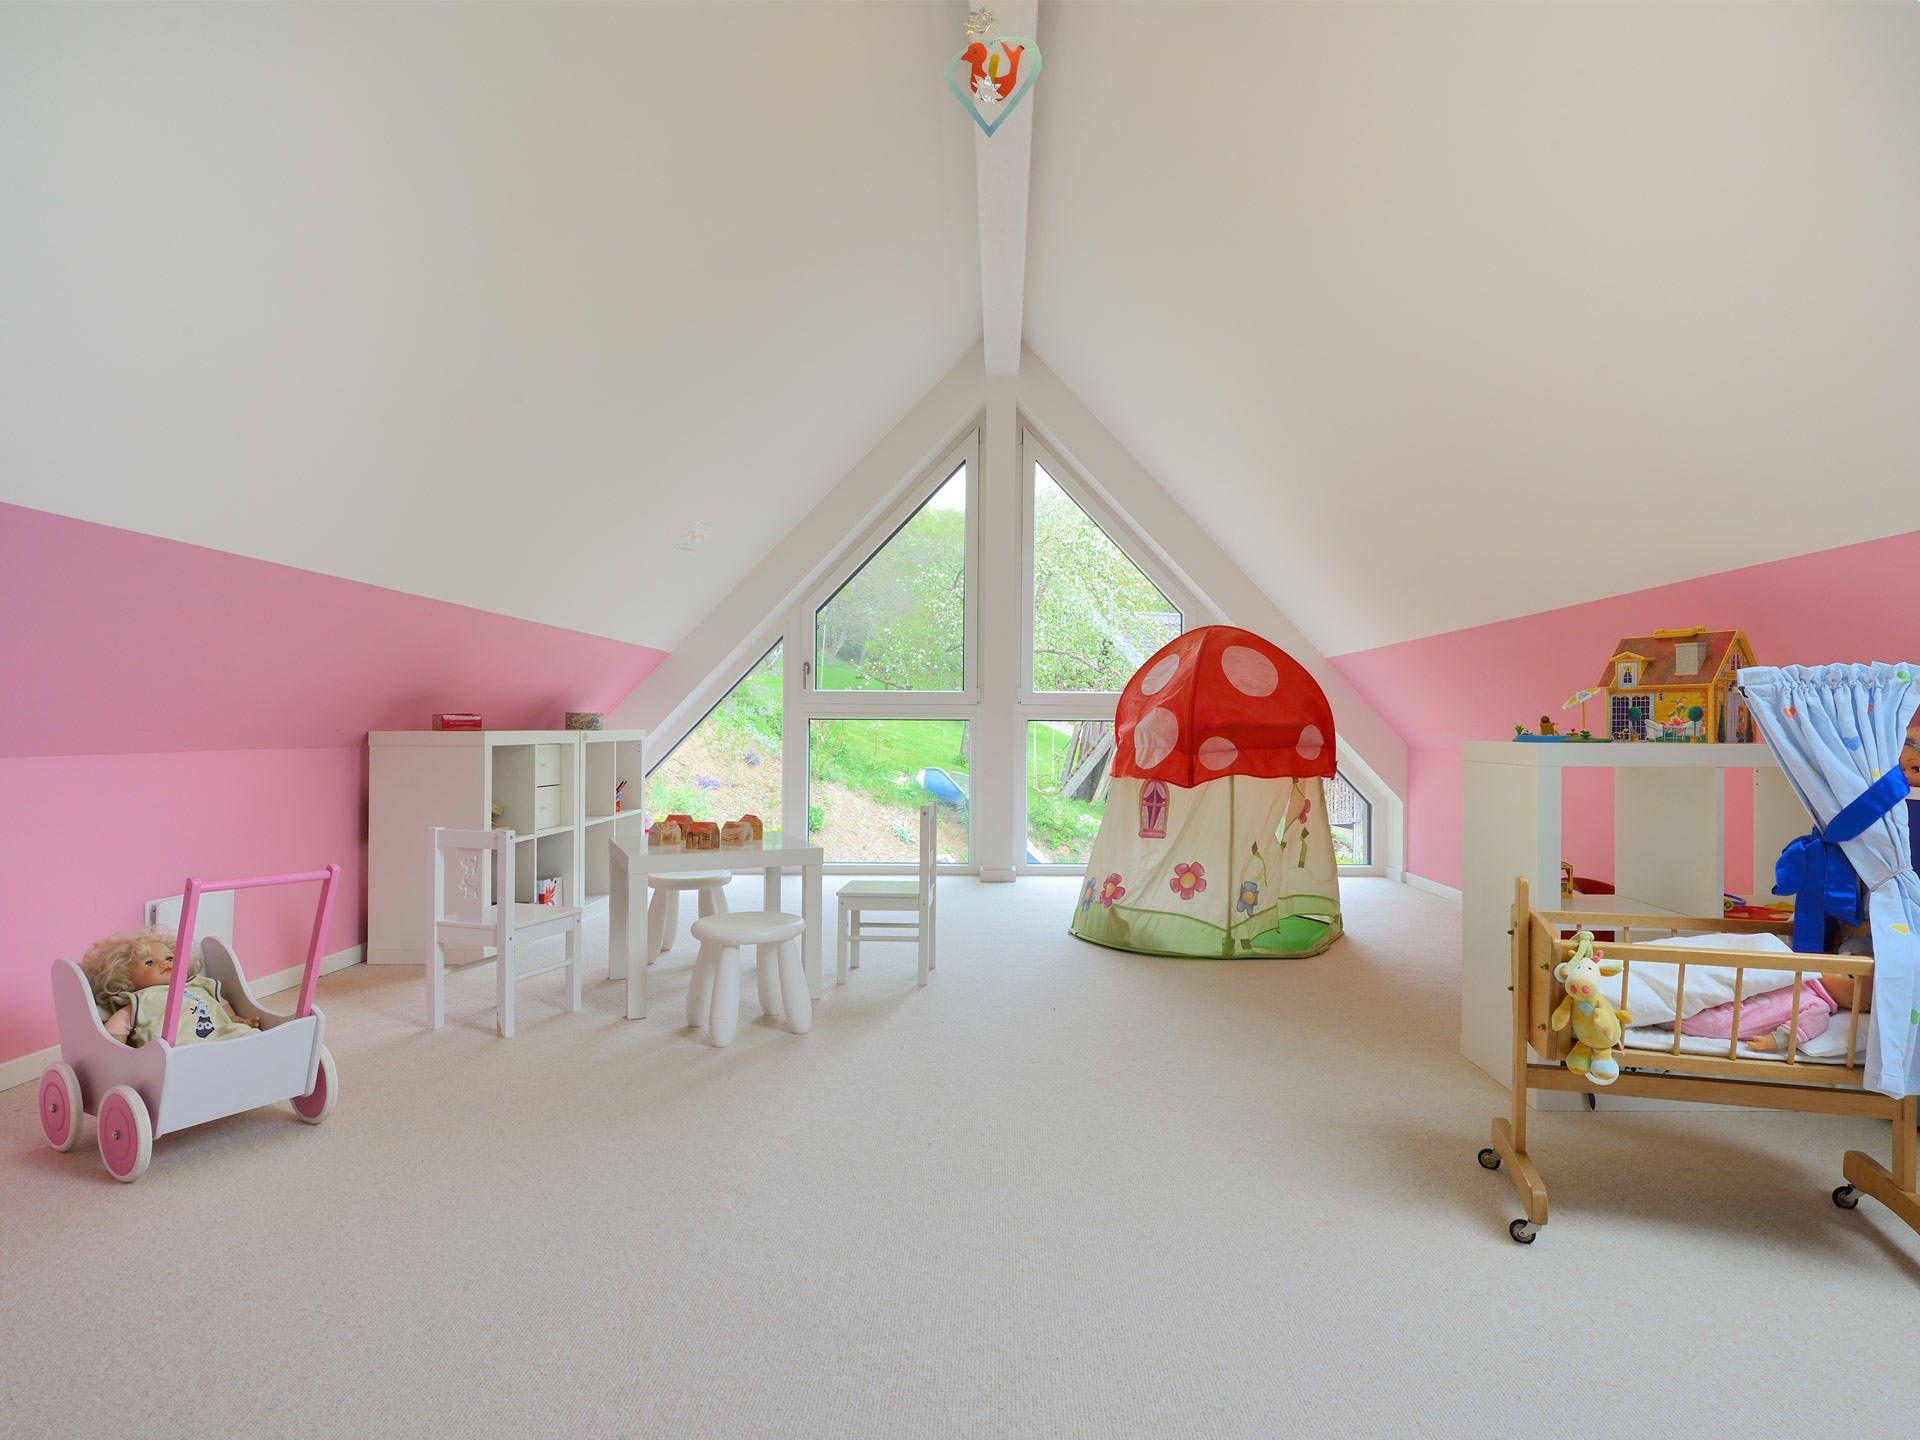 Haus Rothermel Kinderzimmer Pinterest Baufritz Musterhaus Und. Kinderzimmer  Unterm Dach Gestalten   Parsvendingcom